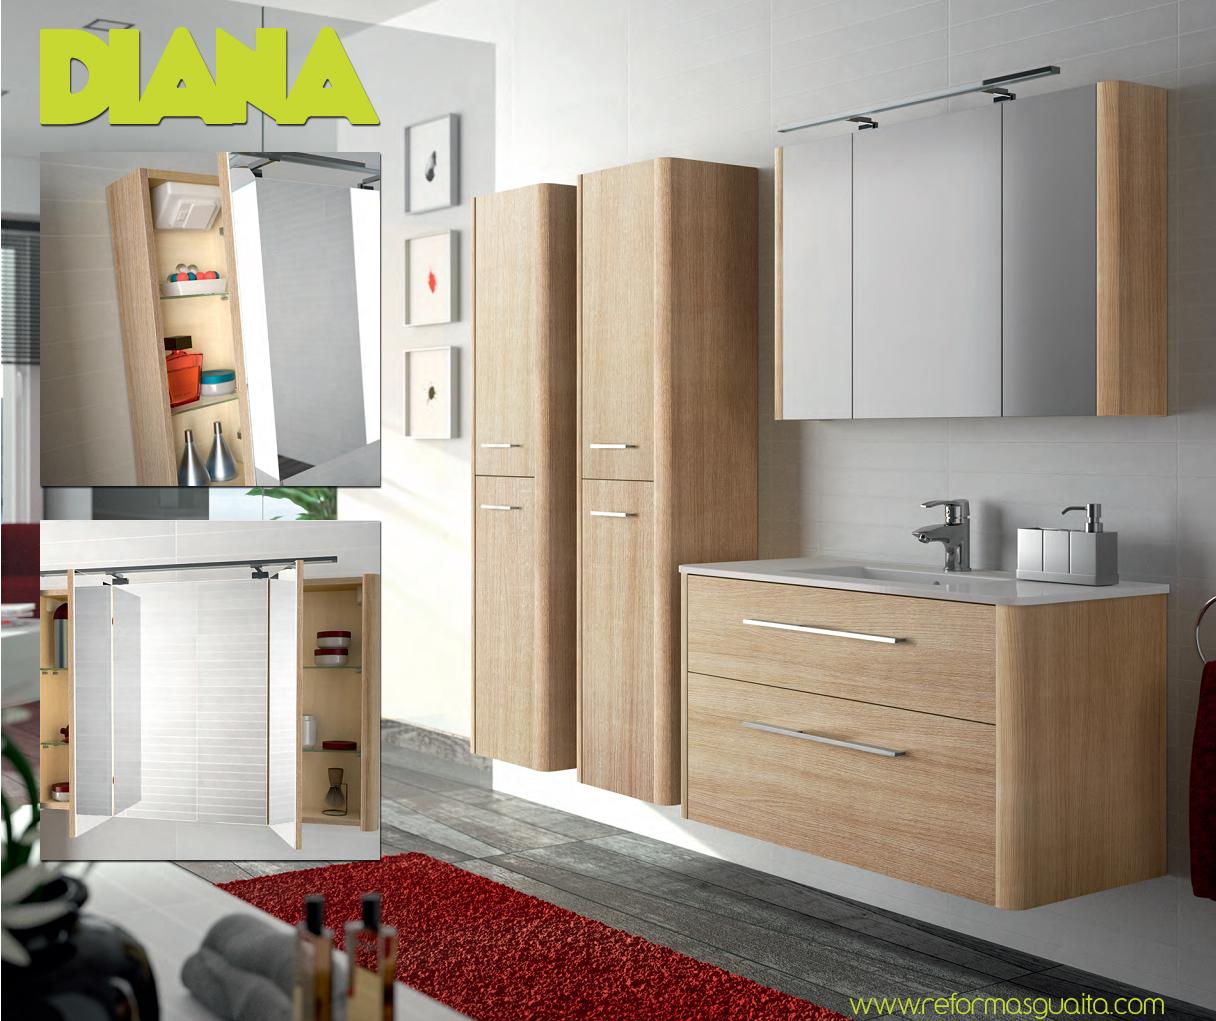 Mueble diana sin esquinas redondeado reformas guaita for Mueble auxiliar lavabo